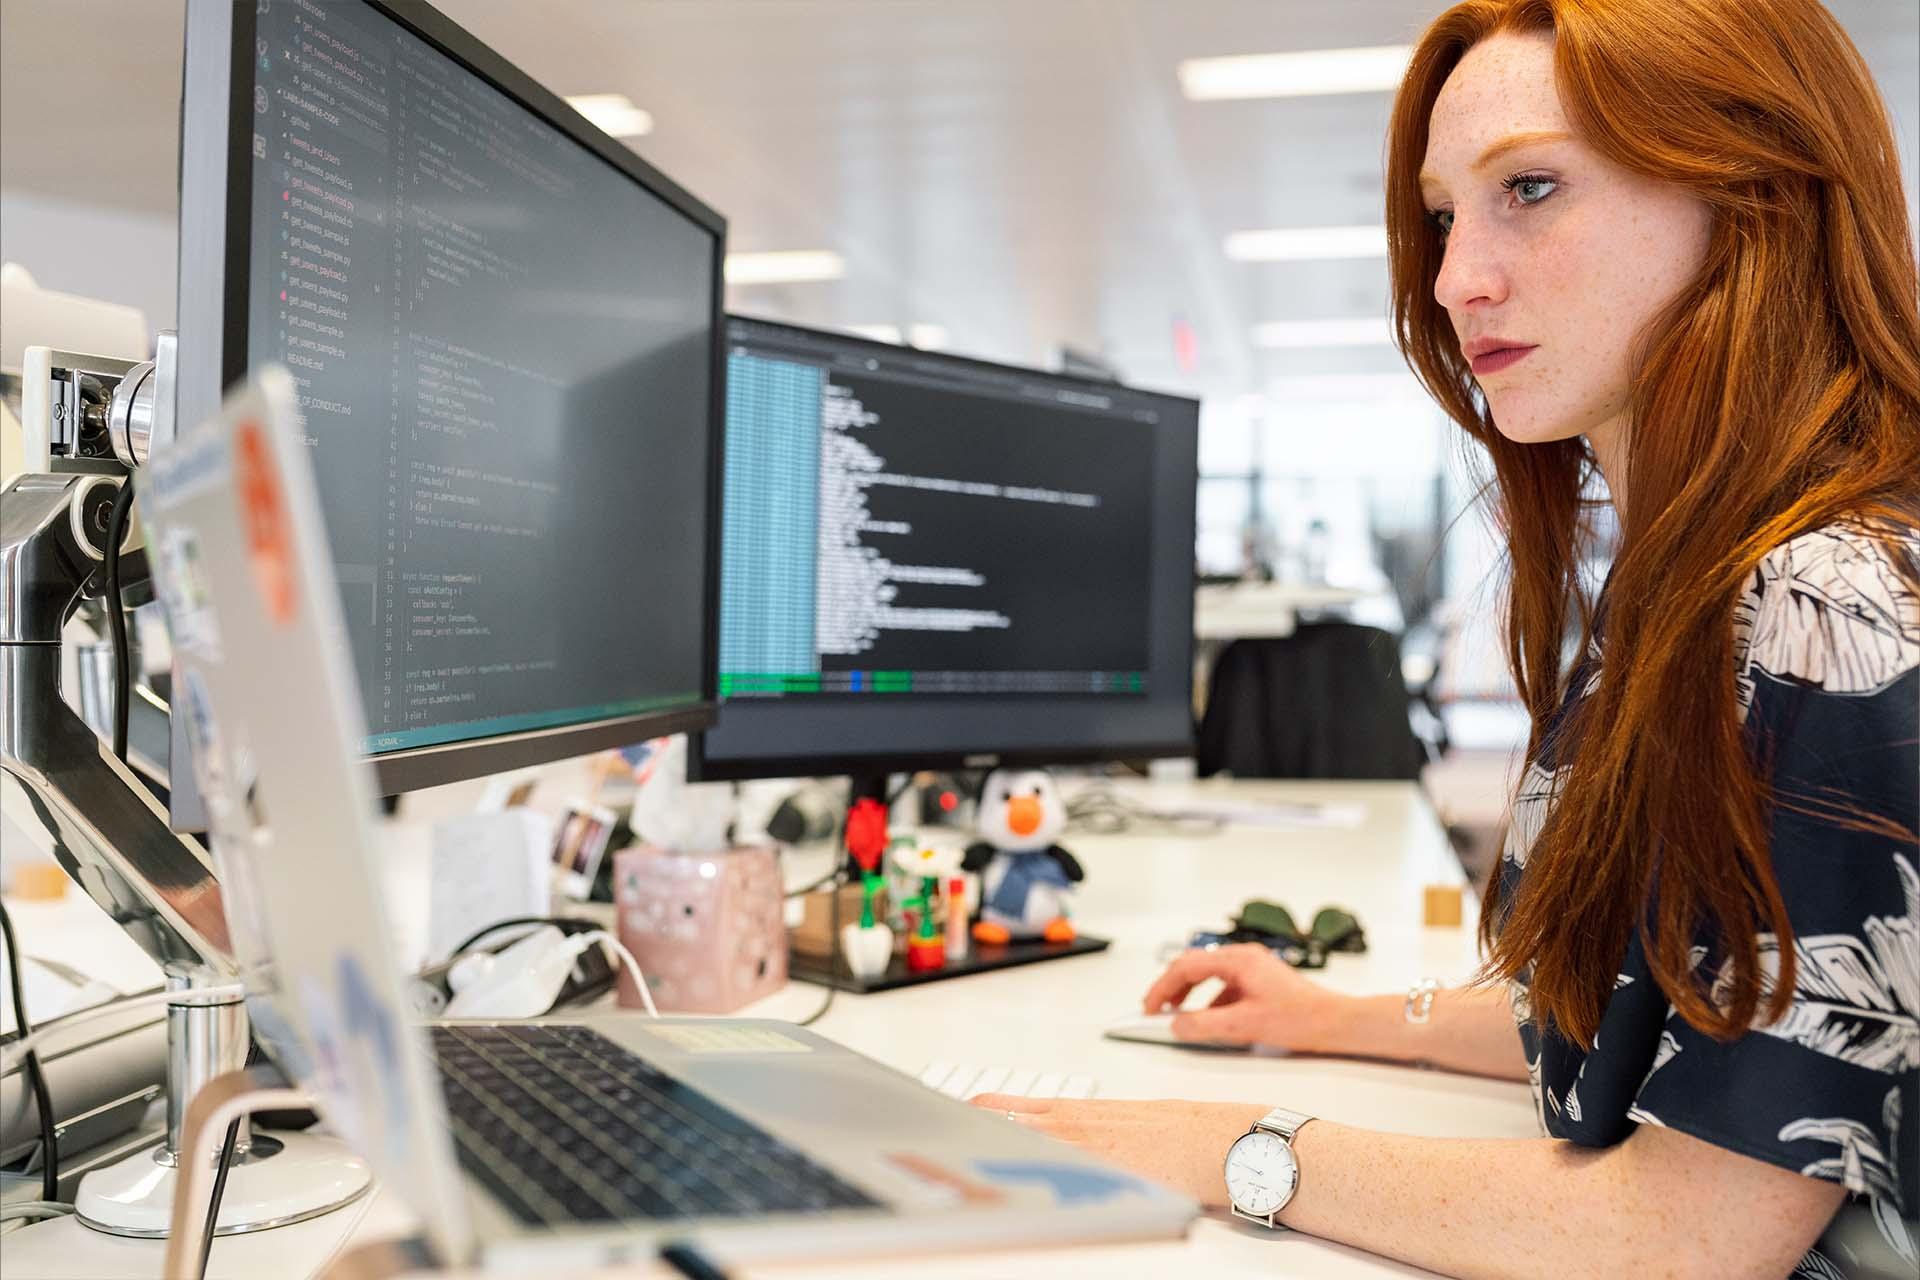 Punahiuksinen nainen kahden näytön ja kannettavan tietokoneen äärellä ohjelmoimassa